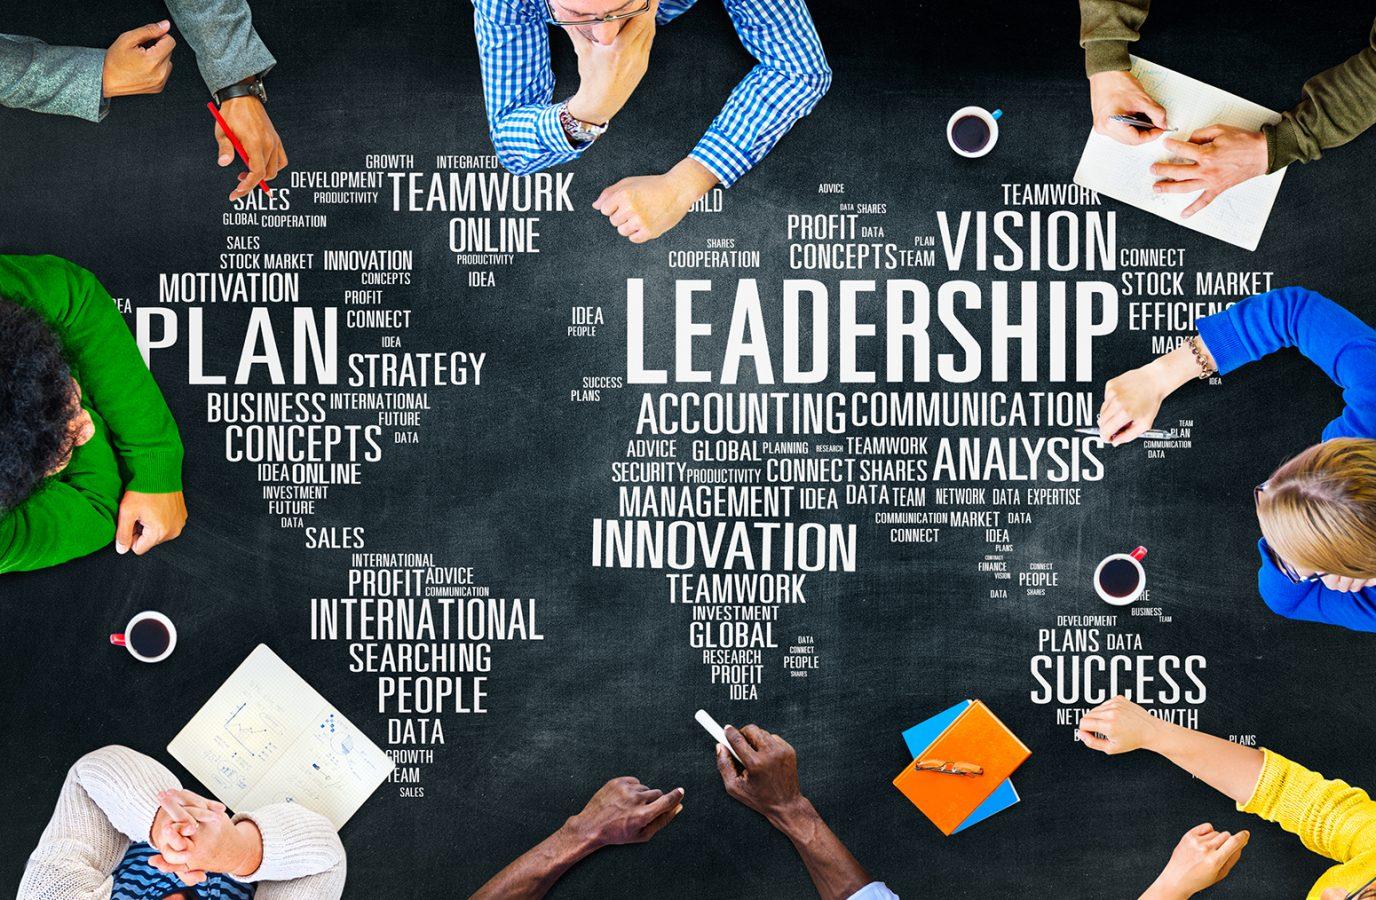 Leadershipsmall